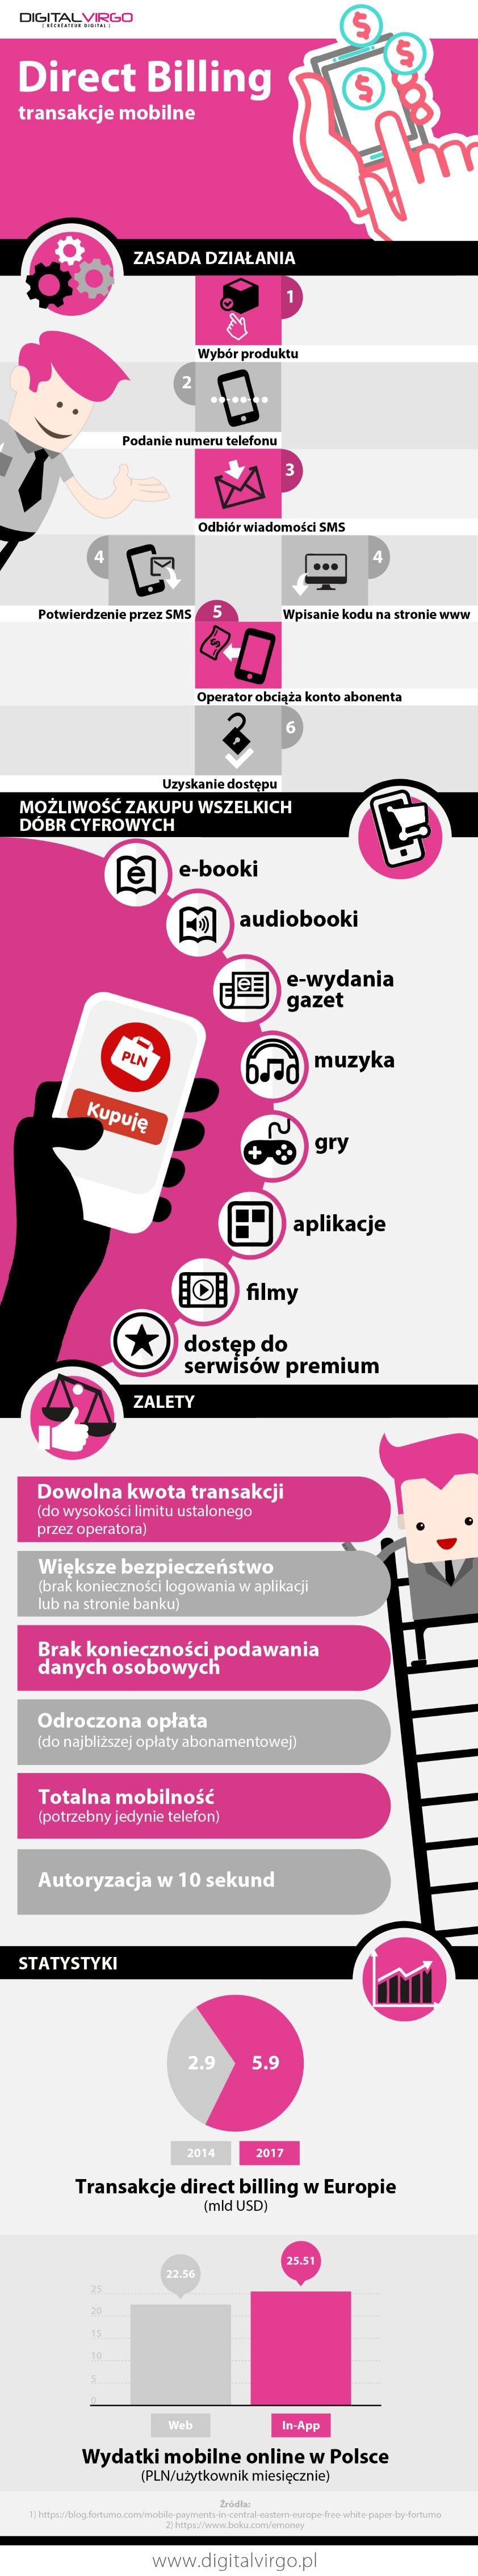 Direct_Billing_transakcje_mobilne